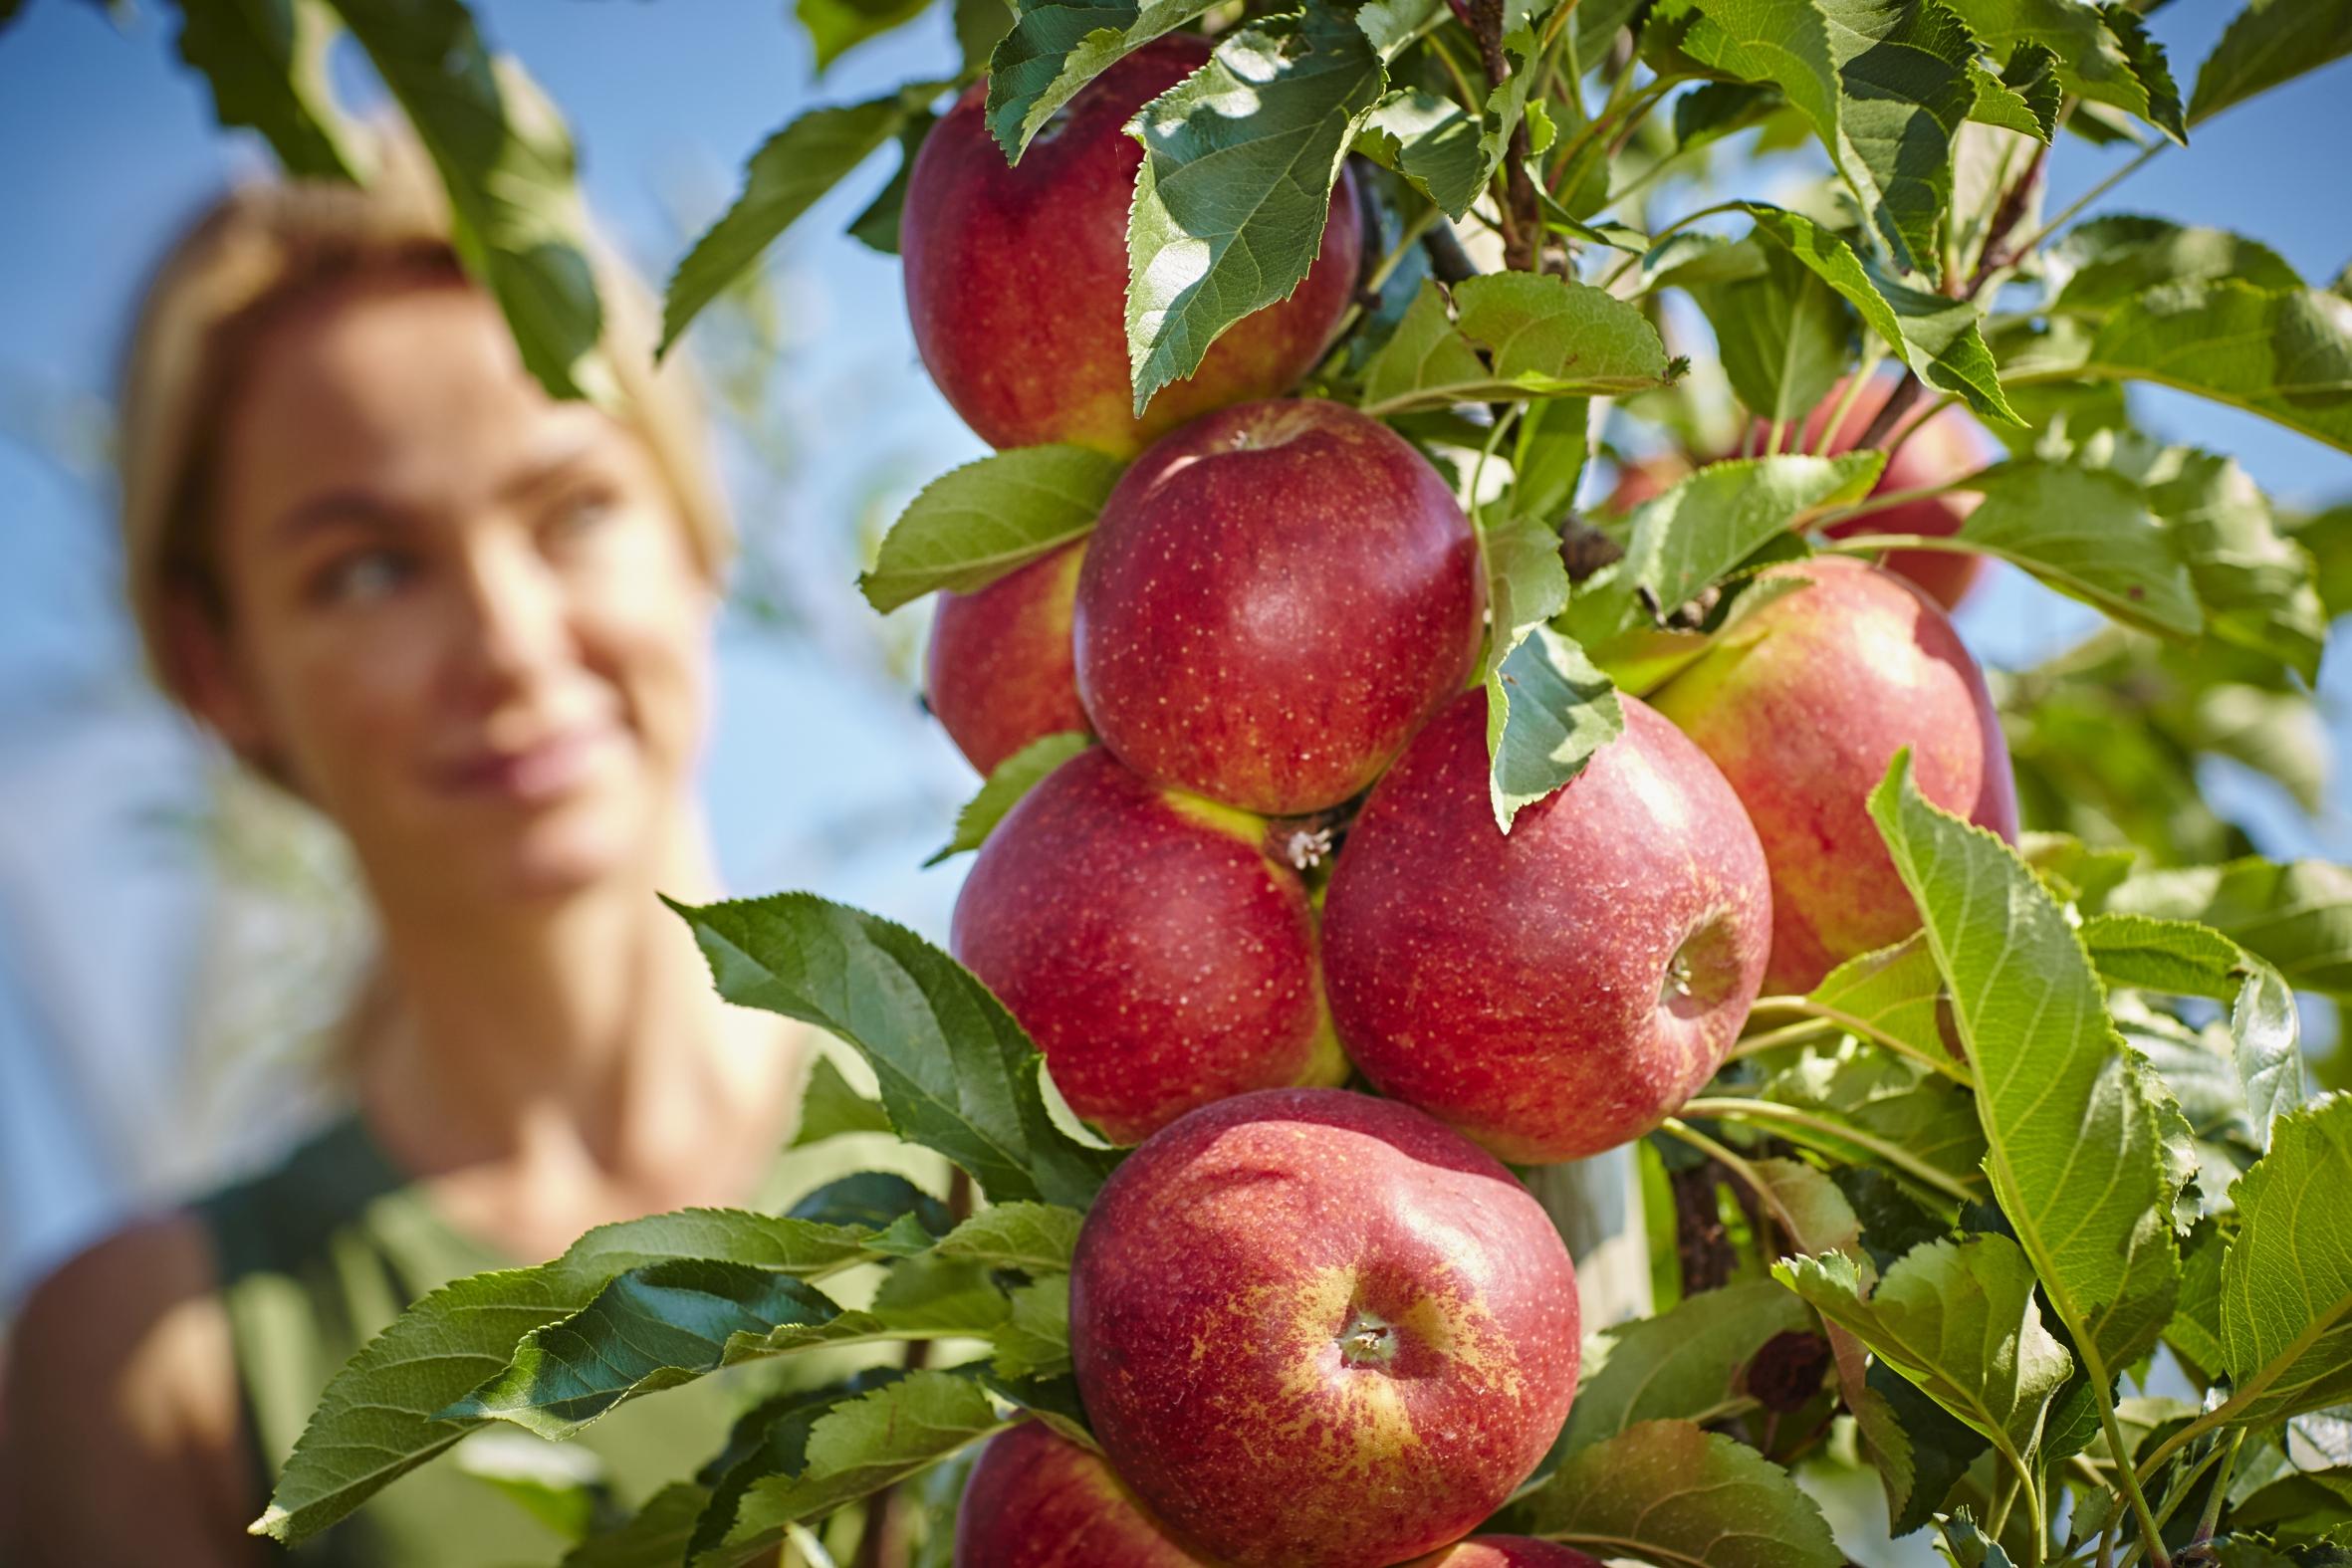 Saftig frische Äpfel aus deutschem Anbau: Jetzt genießen und gleichzeitig das Klima schützen